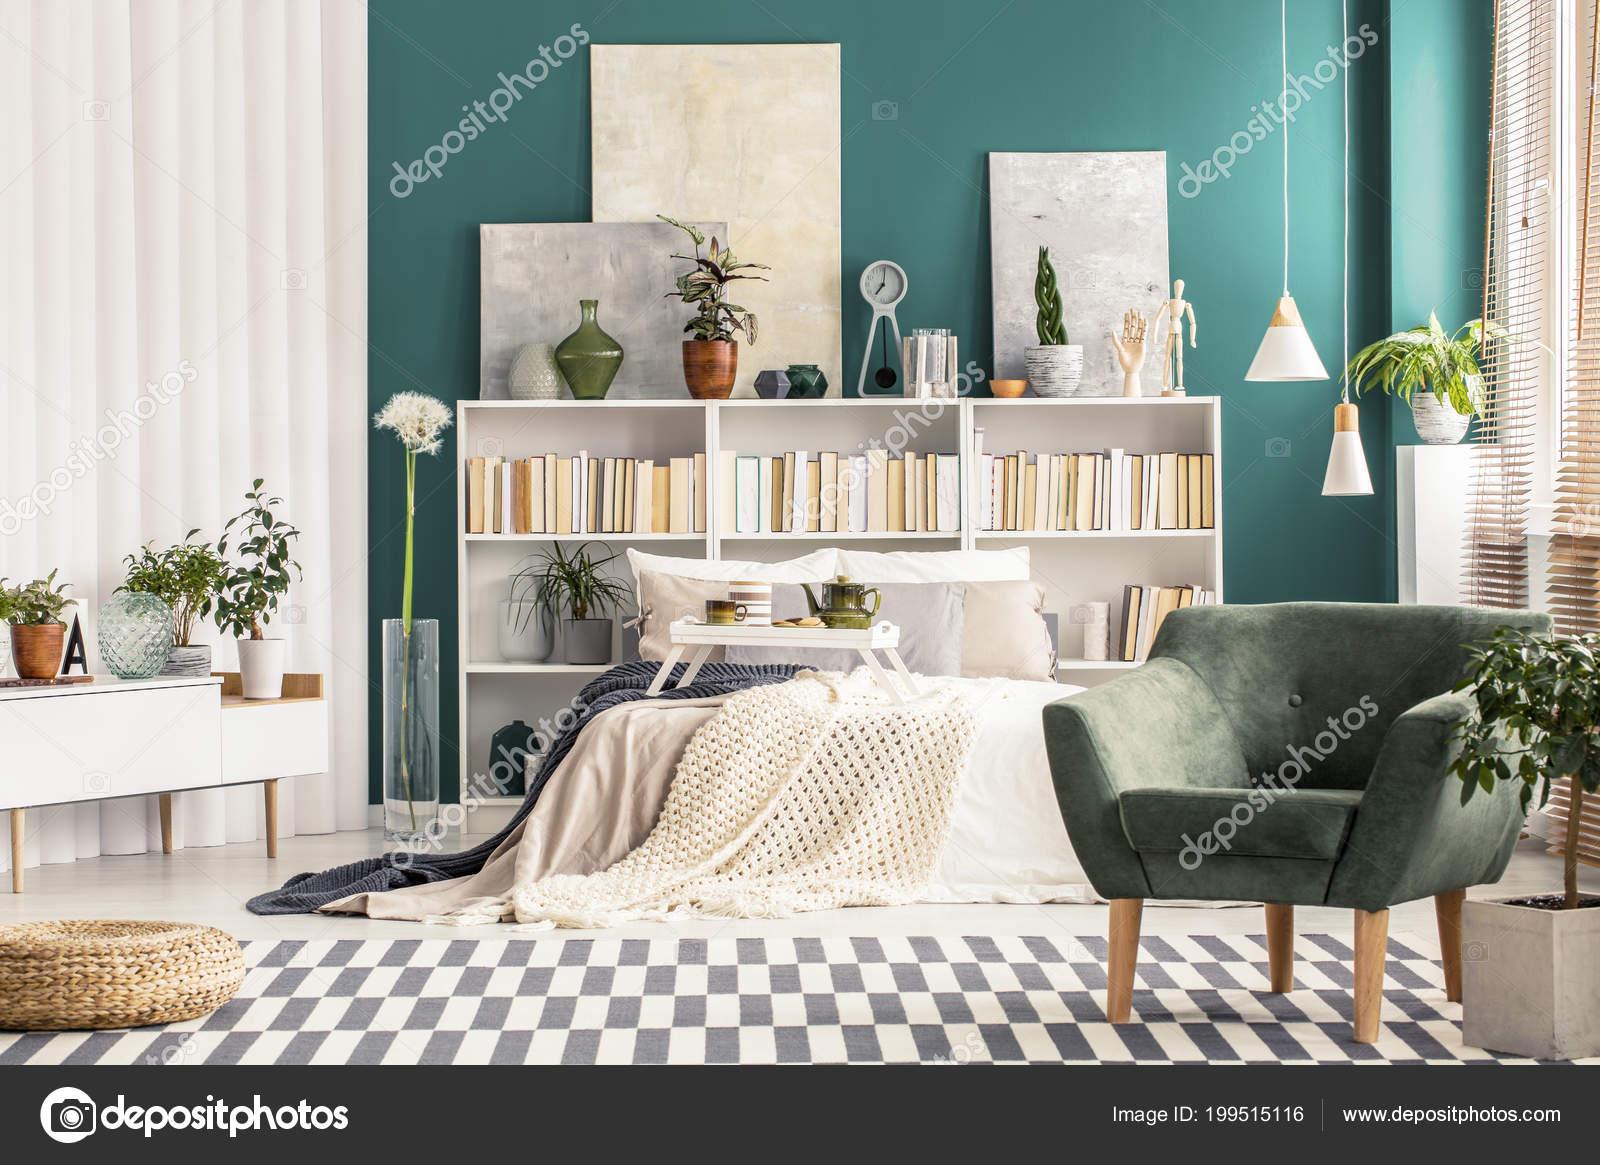 Camera Da Letto Parete Turchese : Interno accogliente camera letto con mobili stile scandinavo